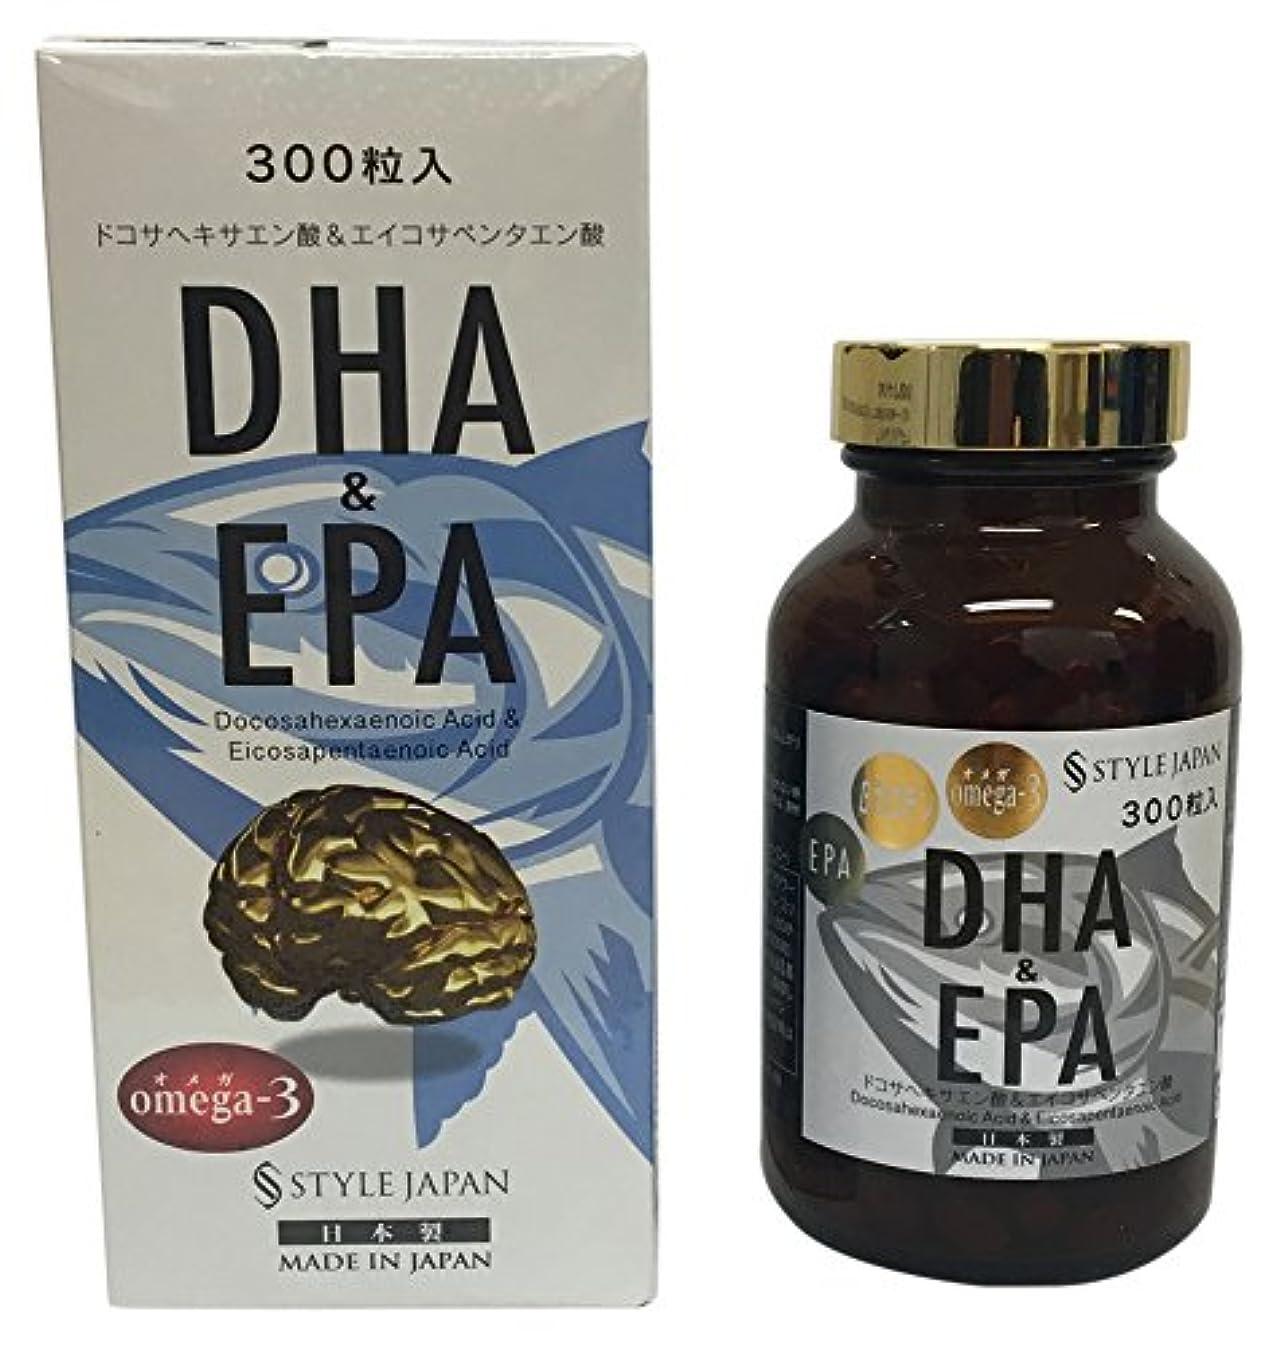 飽和する暗記する私たち自身スタイルジャパン DHA&EPA 300粒 90g 日本製